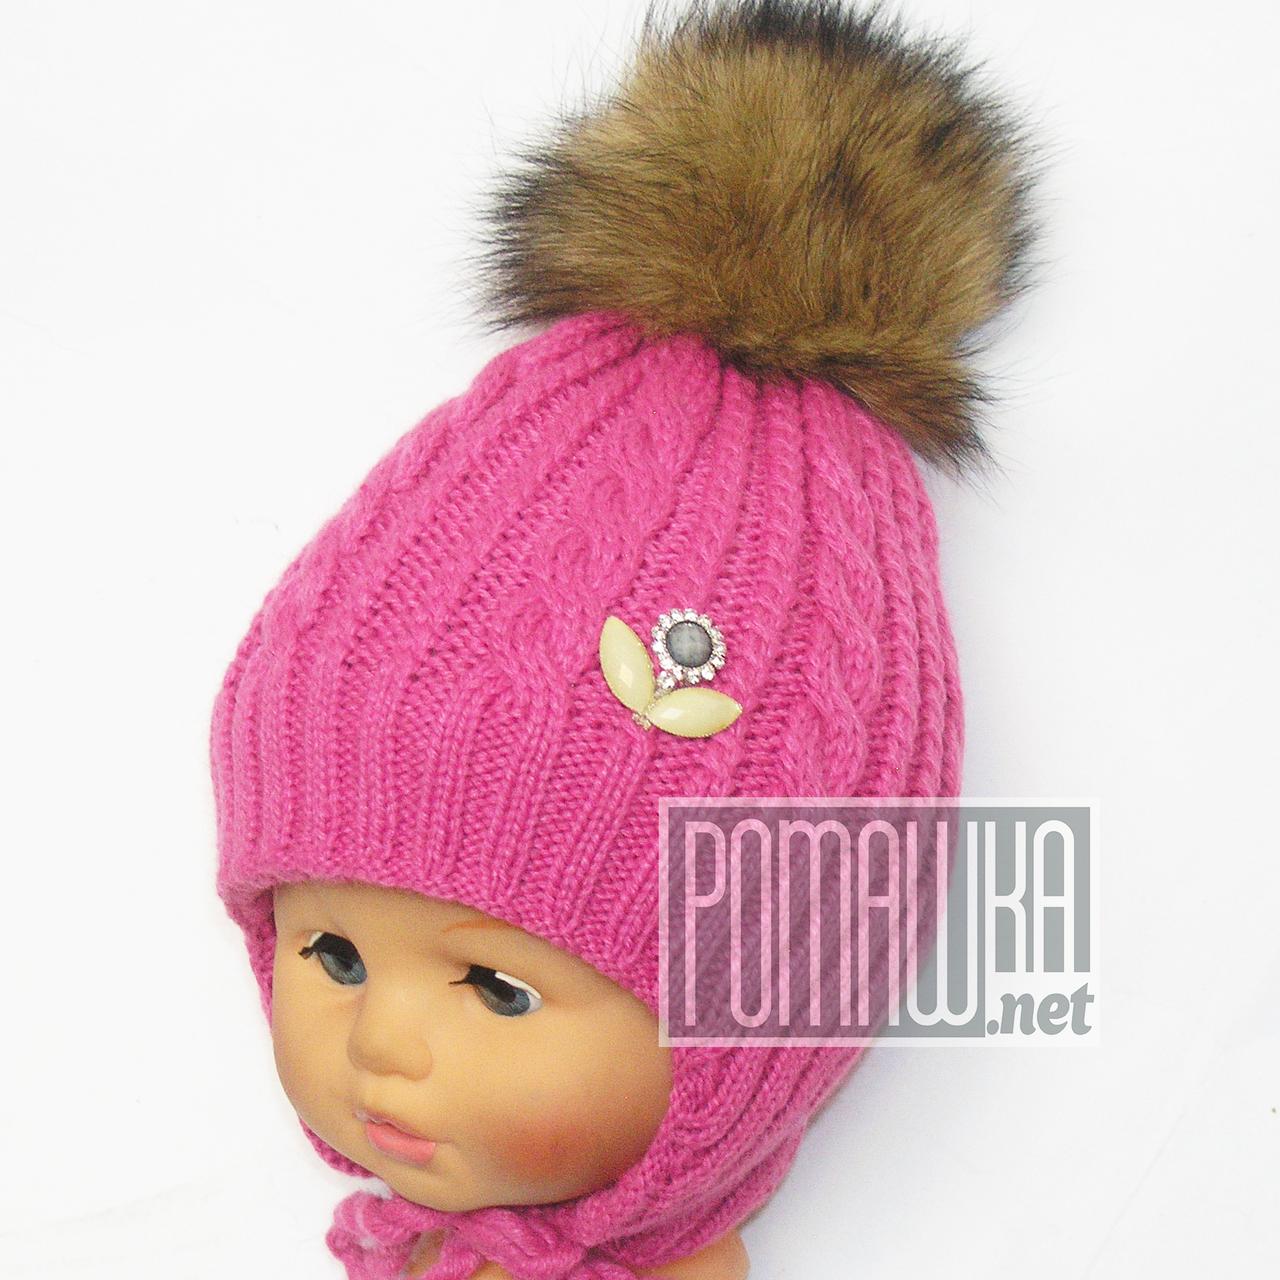 Вязаная термо шапочка р. 46-50 с меховым бубоном зимняя для девочки детская с завязками 4492 Малиновый 48